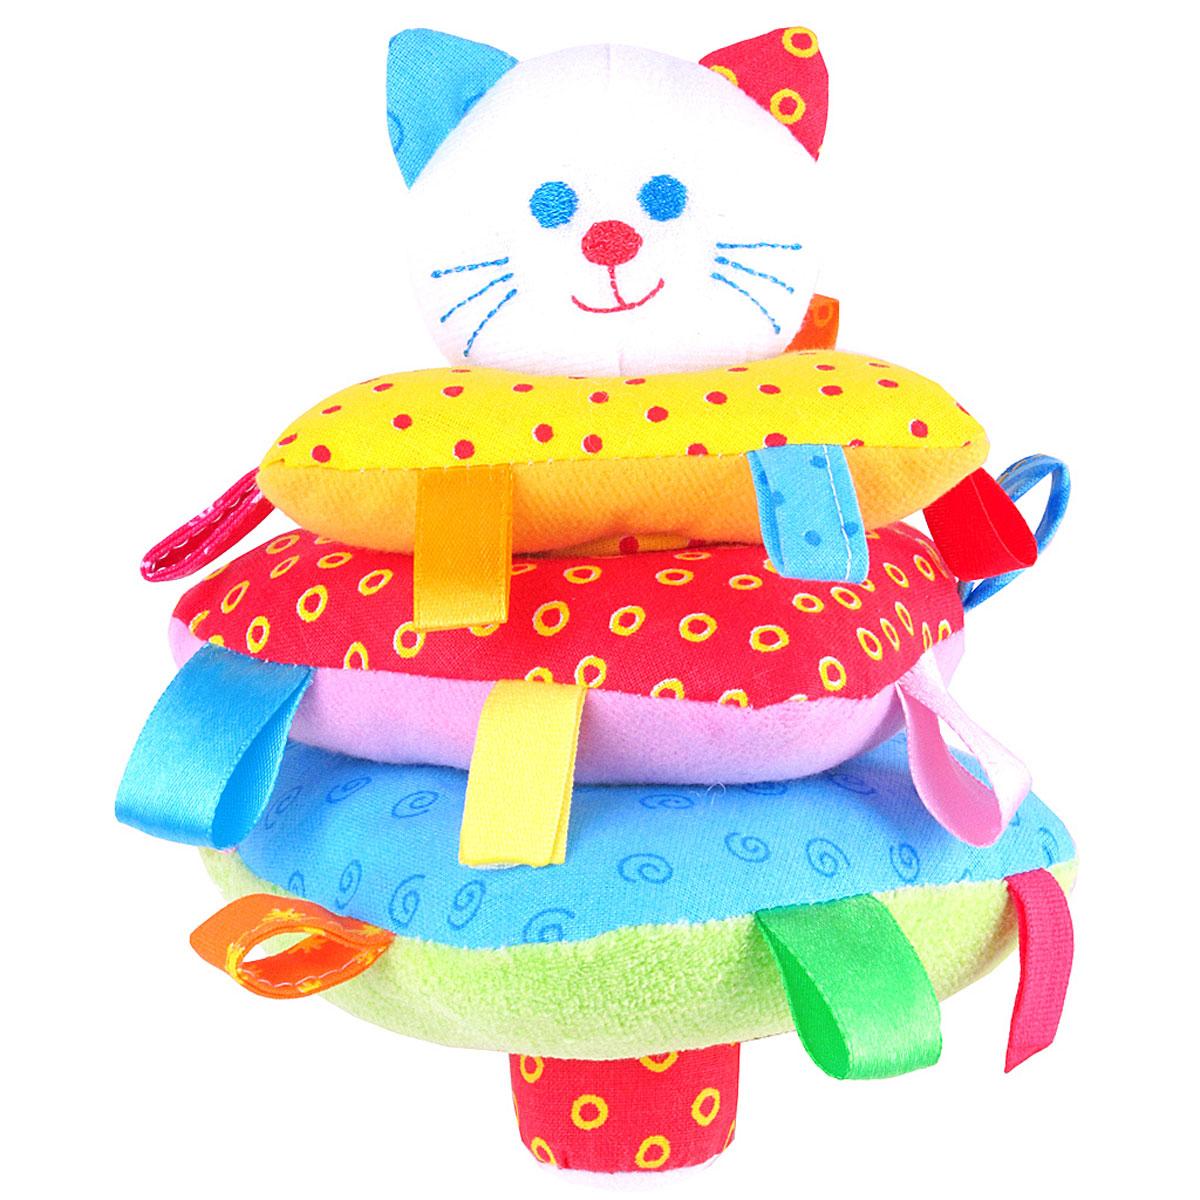 Мякиши Мягкая игрушка-пирамидка Котик321Мягкая игрушка-пирамидка Мякиши Котик надолго займет внимание вашего крохи. На штырек основания пирамидки насаживается три треугольных колечка разных цветов и размеров с небольшими петельками на каждом. Шуршащий штырек венчает головка забавного котика с вышитыми глазками, носиком, ротиком и усиками. Внутри головки спрятана сфера с шариками, гремящими при тряске. Внутри большого треугольника также находится гремящая сфера. Игрушка выполнена из качественных, приятных на ощупь текстильных разнофактурных материалов и мягкого наполнителя, что делает ее абсолютно безопасной в игре. Удачно подобранный размер и цвет развивают мышление, цветовое и слуховое восприятие, координацию движений и совершенствуют моторику нежных пальчиков малыша.